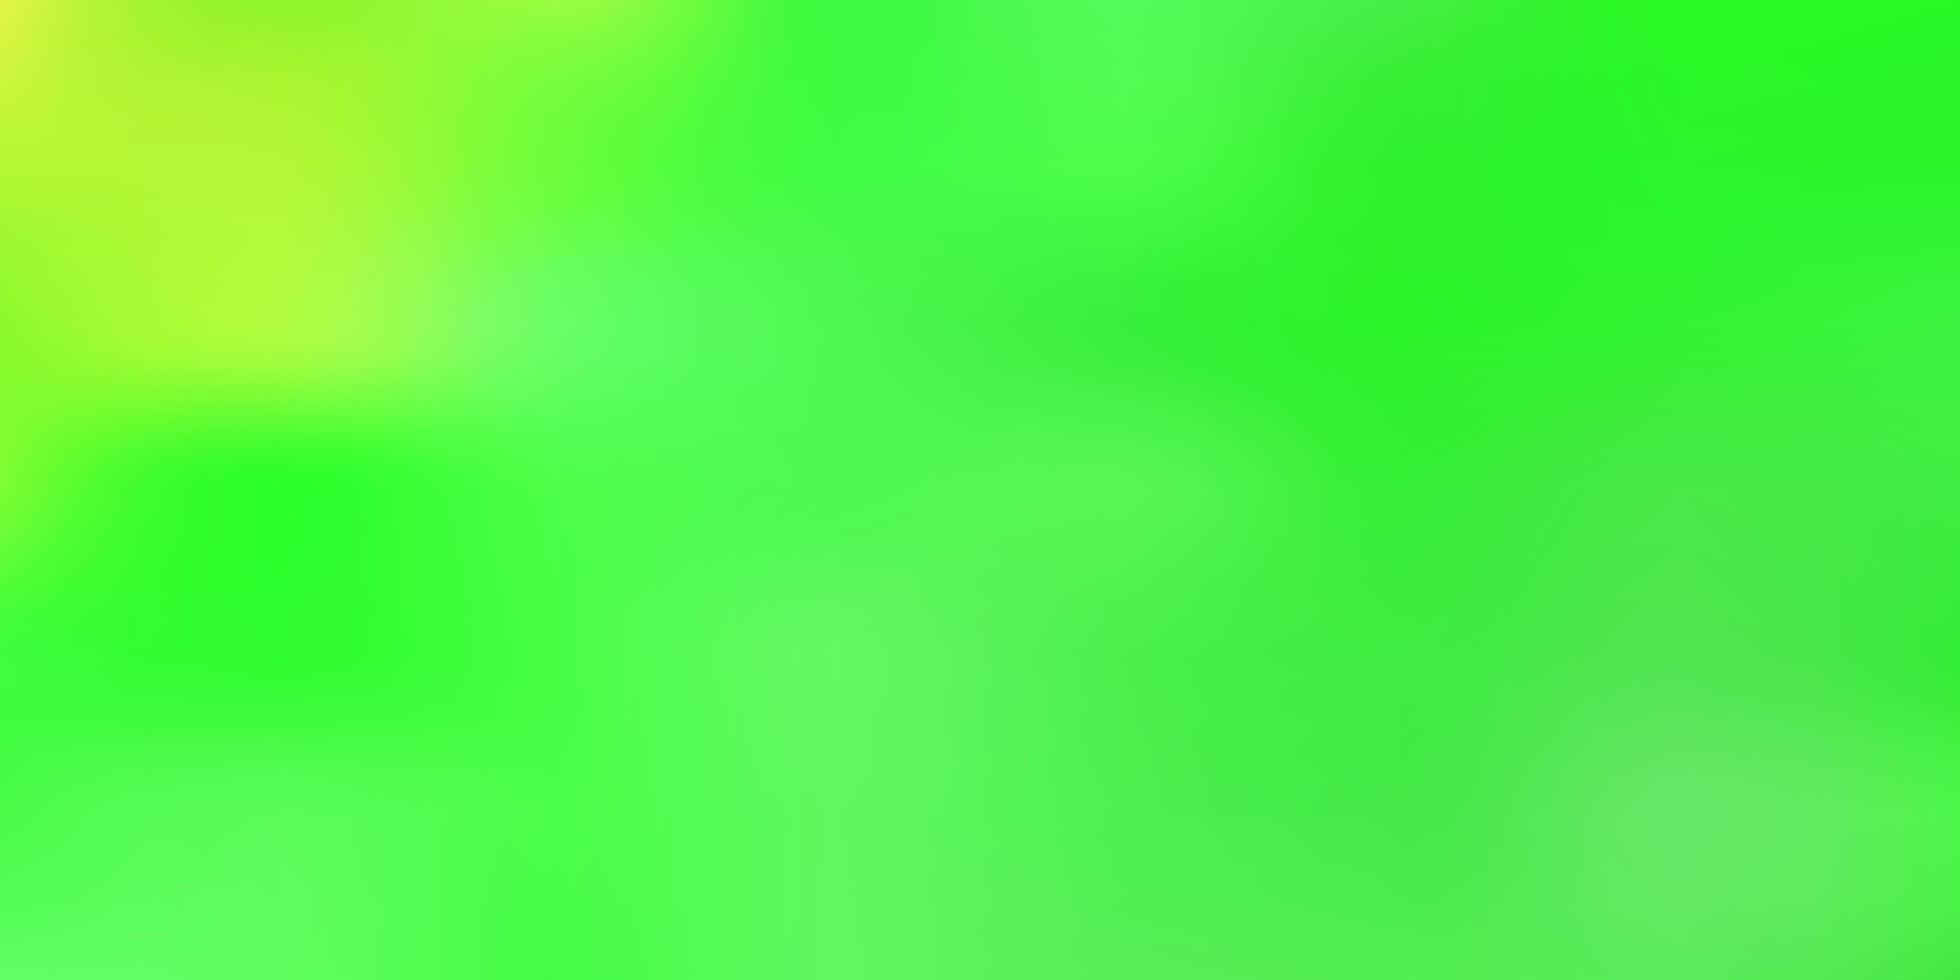 grünes Farbverlaufsunschärfemuster. vektor